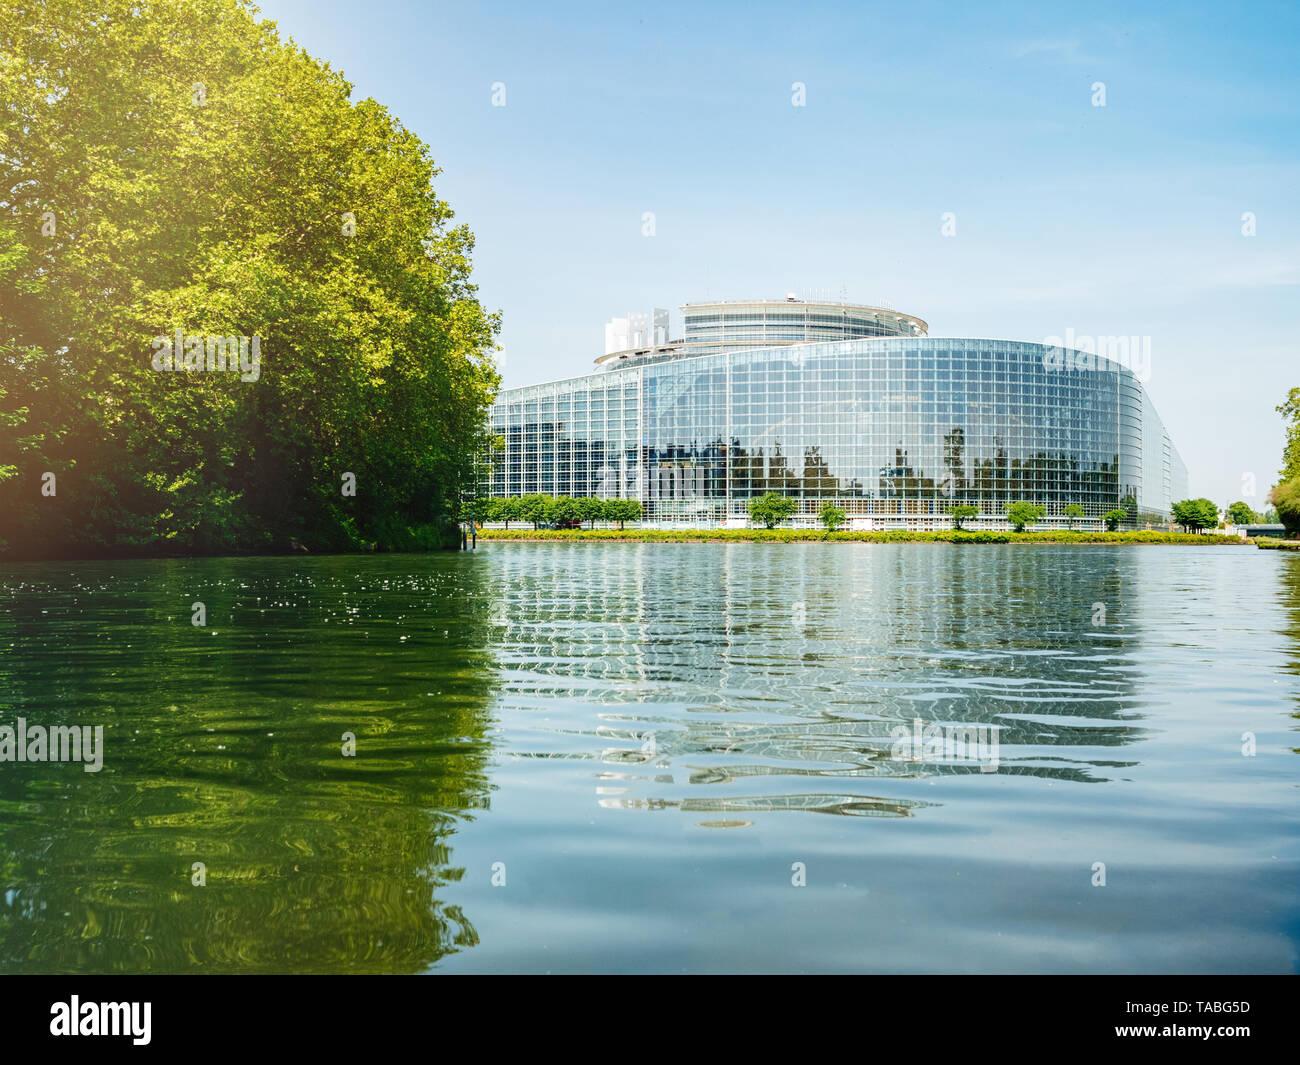 Low angle view of large façade du siège du Parlement européen à Strasbourg un jour avant les élections du Parlement européen 2019 - Ciel bleu clair et calme de l'eau de la rivière mauvais soleil arrondi. Banque D'Images